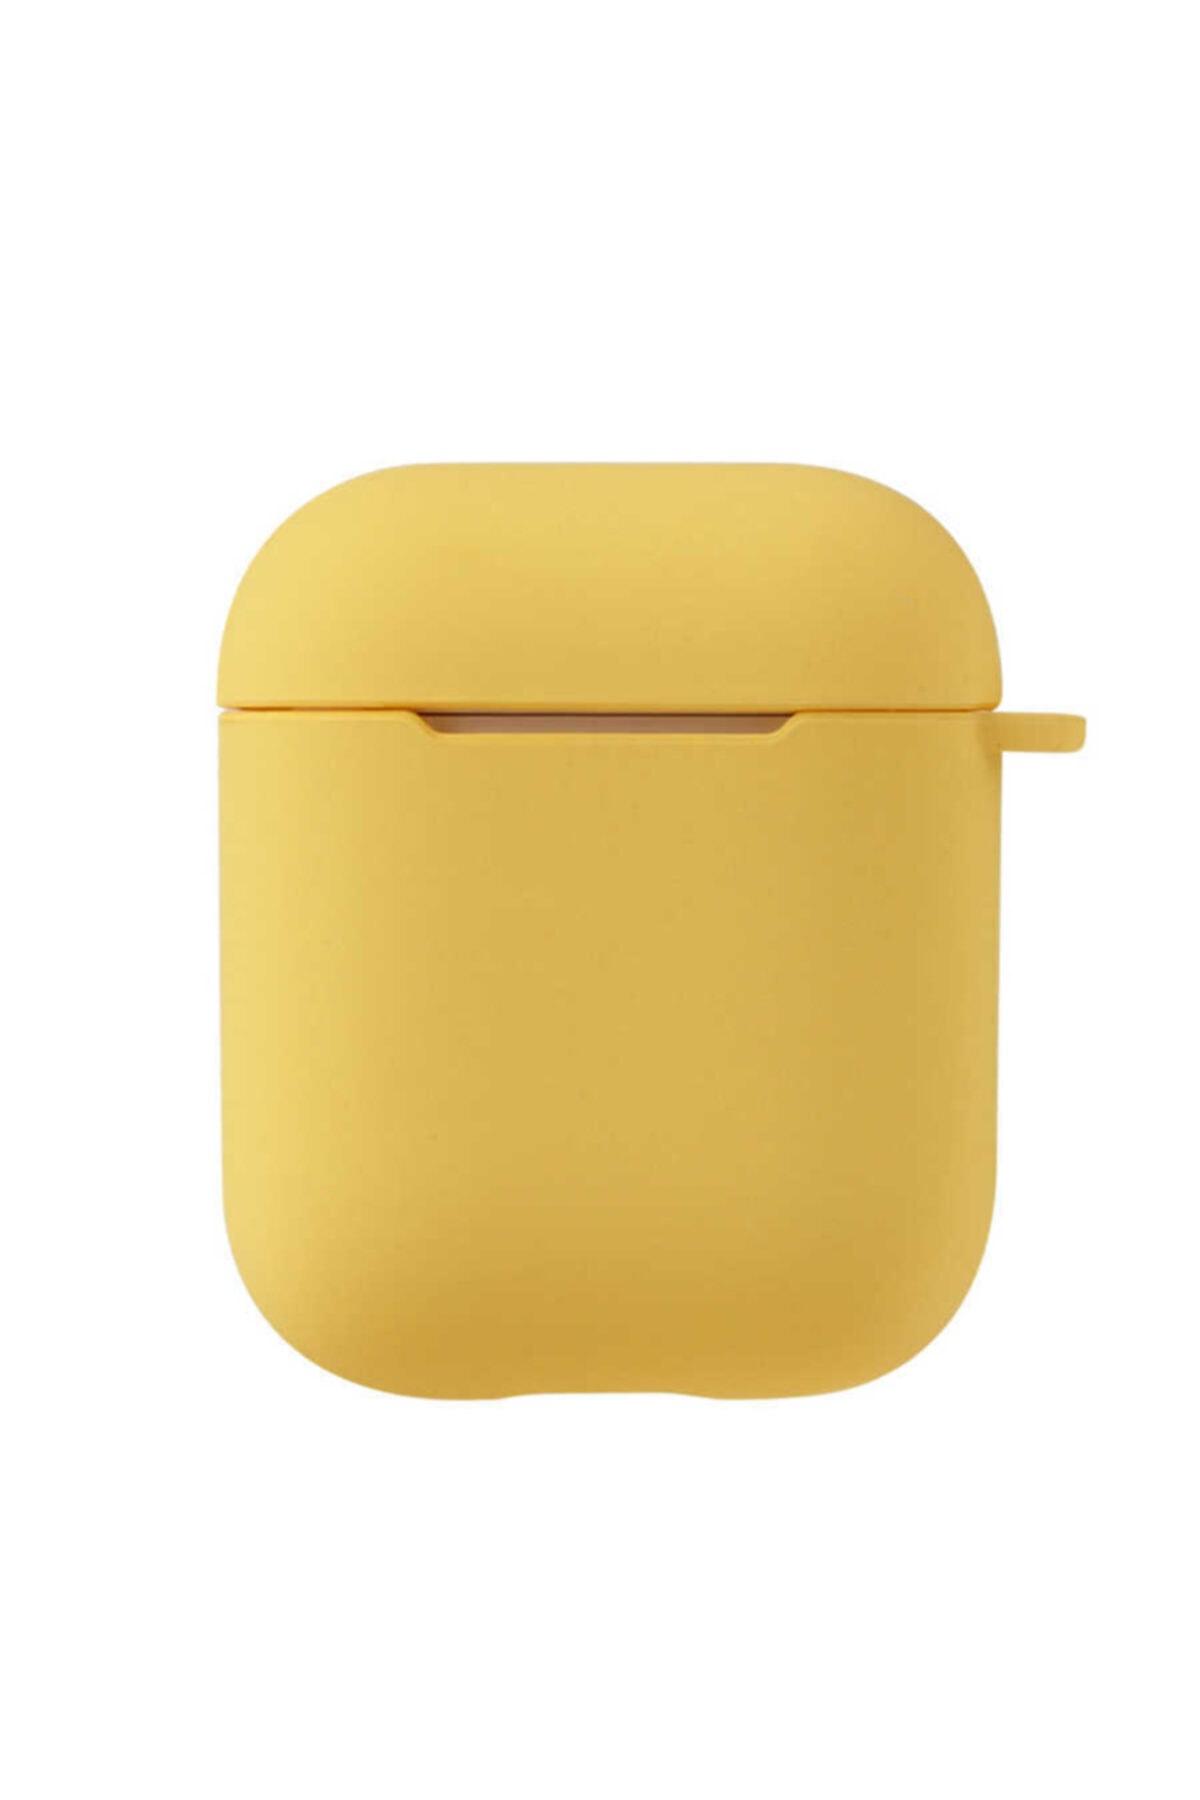 zore Airpods Kılıfı Tpu Wireless Şarj Destekli Soft Görünüm Mat Renkli Silikon Askılı Kılıf 1